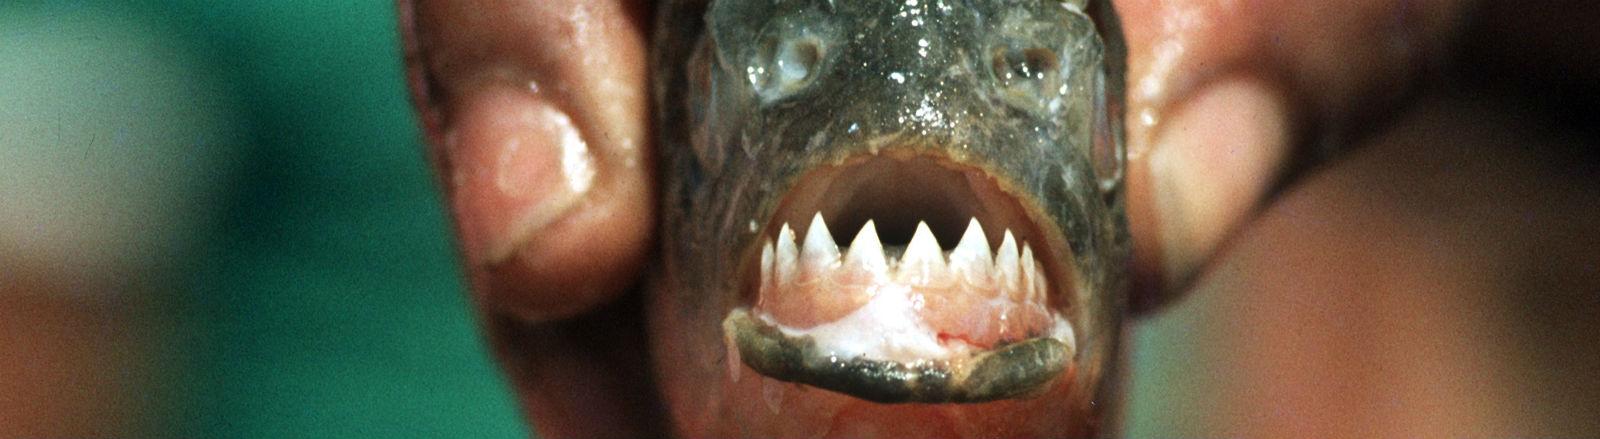 Das geöffnete Maul eines toten Piranhas mit Zähnen. Bild: dpa